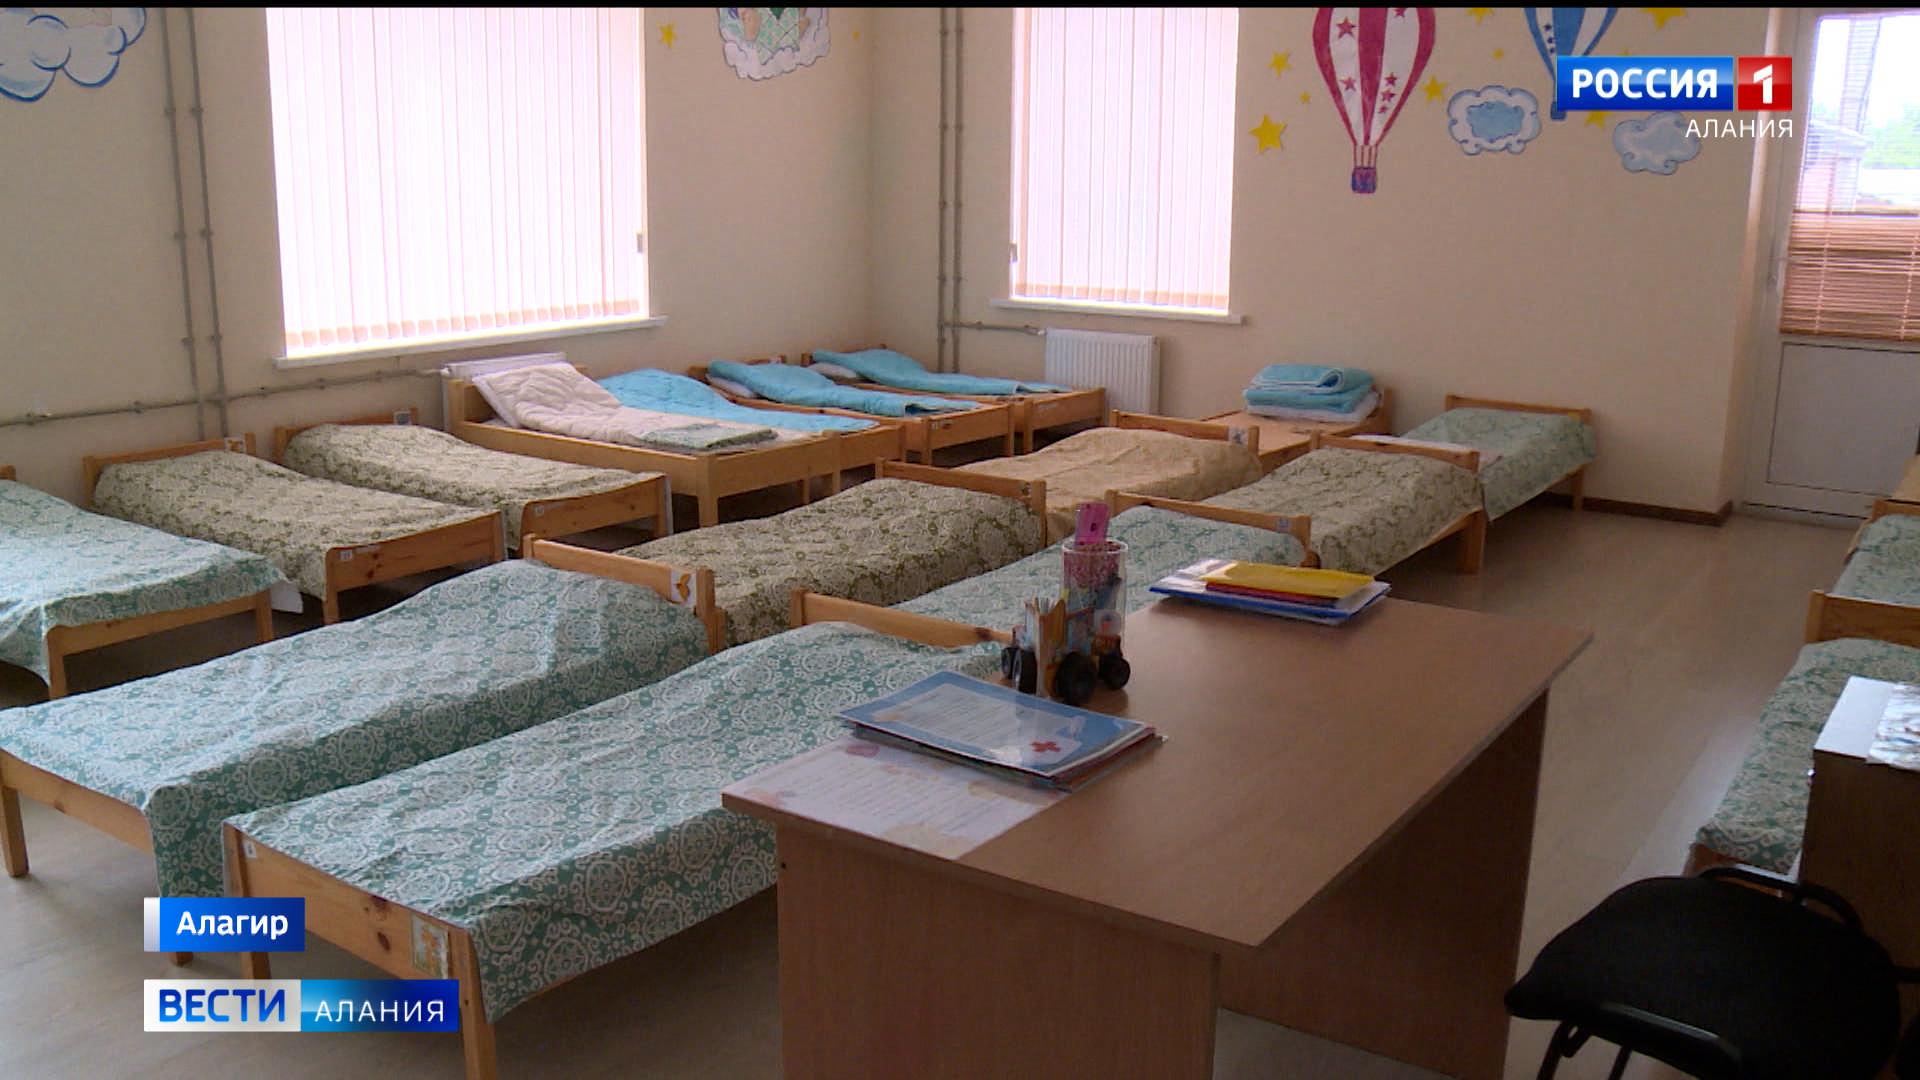 Пятеро воспитанников алагирского детсада отравились, учреждение закрыто на карантин